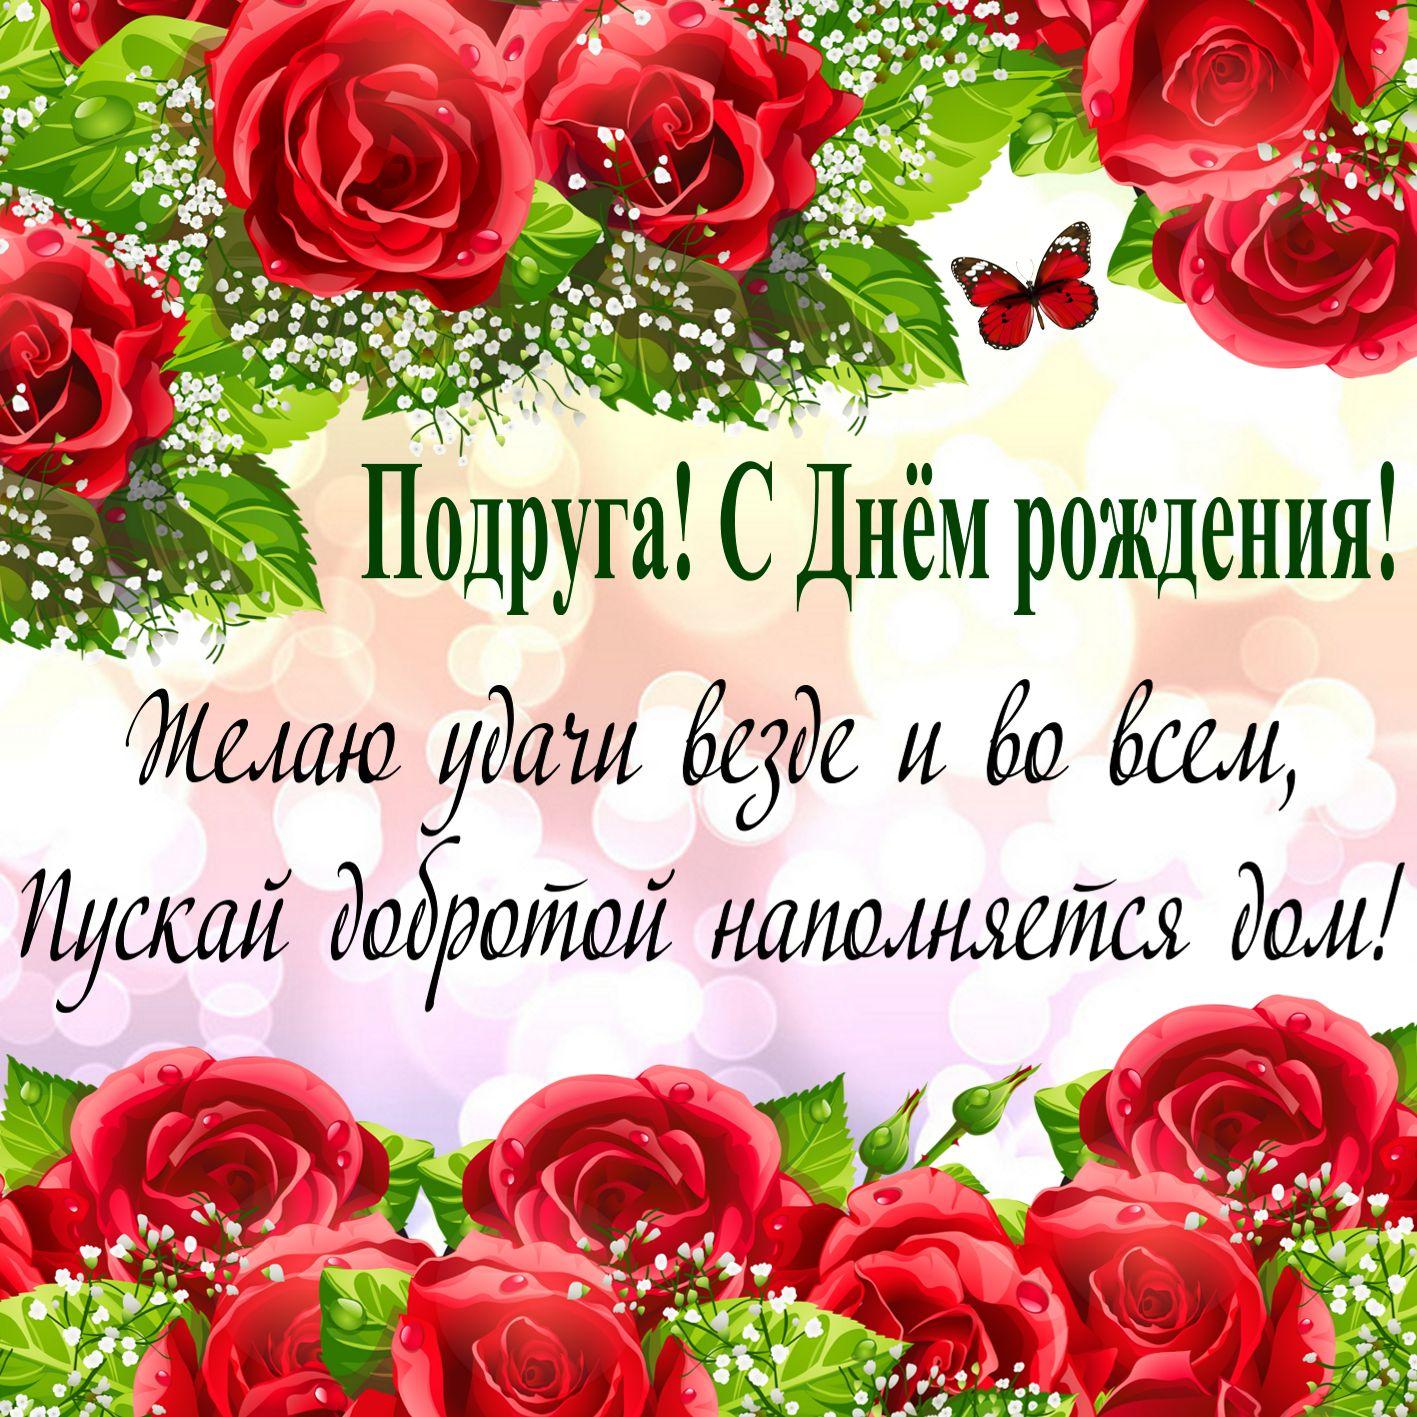 Поздравления с днём рождения для лучшей Подруги